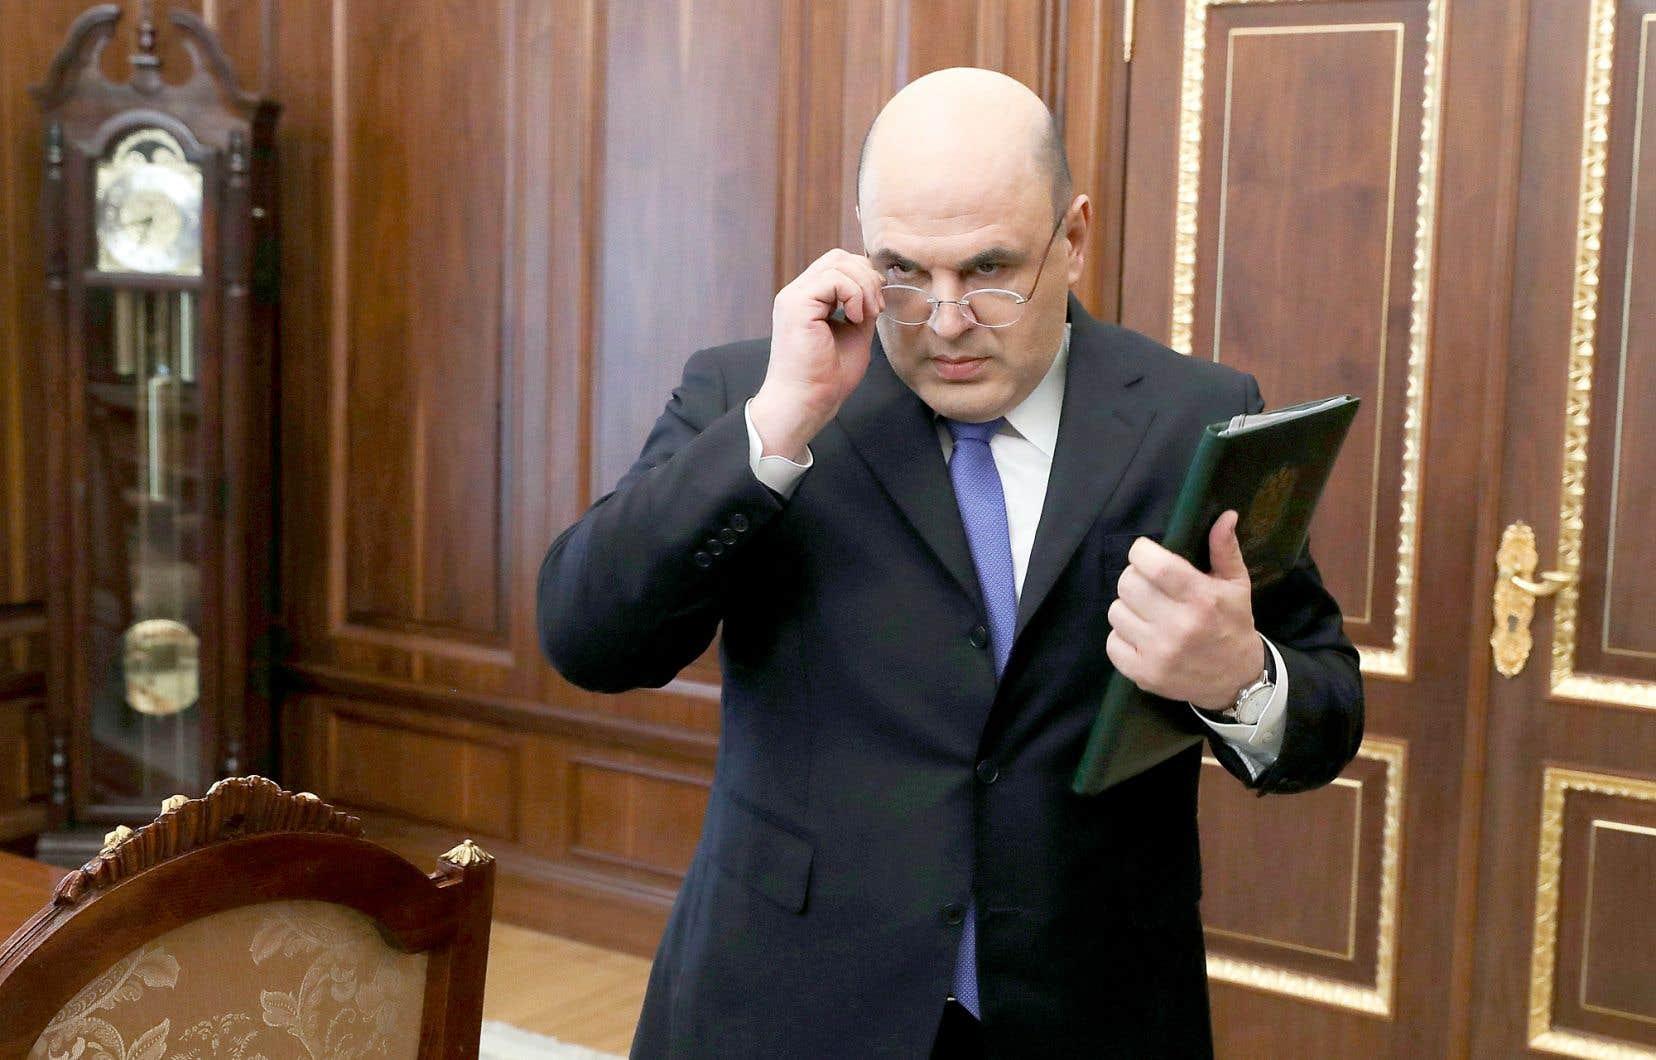 Mikhaïl Michoustine apparaissait en 2015 au 54e rang des hauts fonctionnaires les mieux payés de Russie, selon le magazine «Forbes», avec des revenus d'environ 3,9 millions de dollars canadiens.